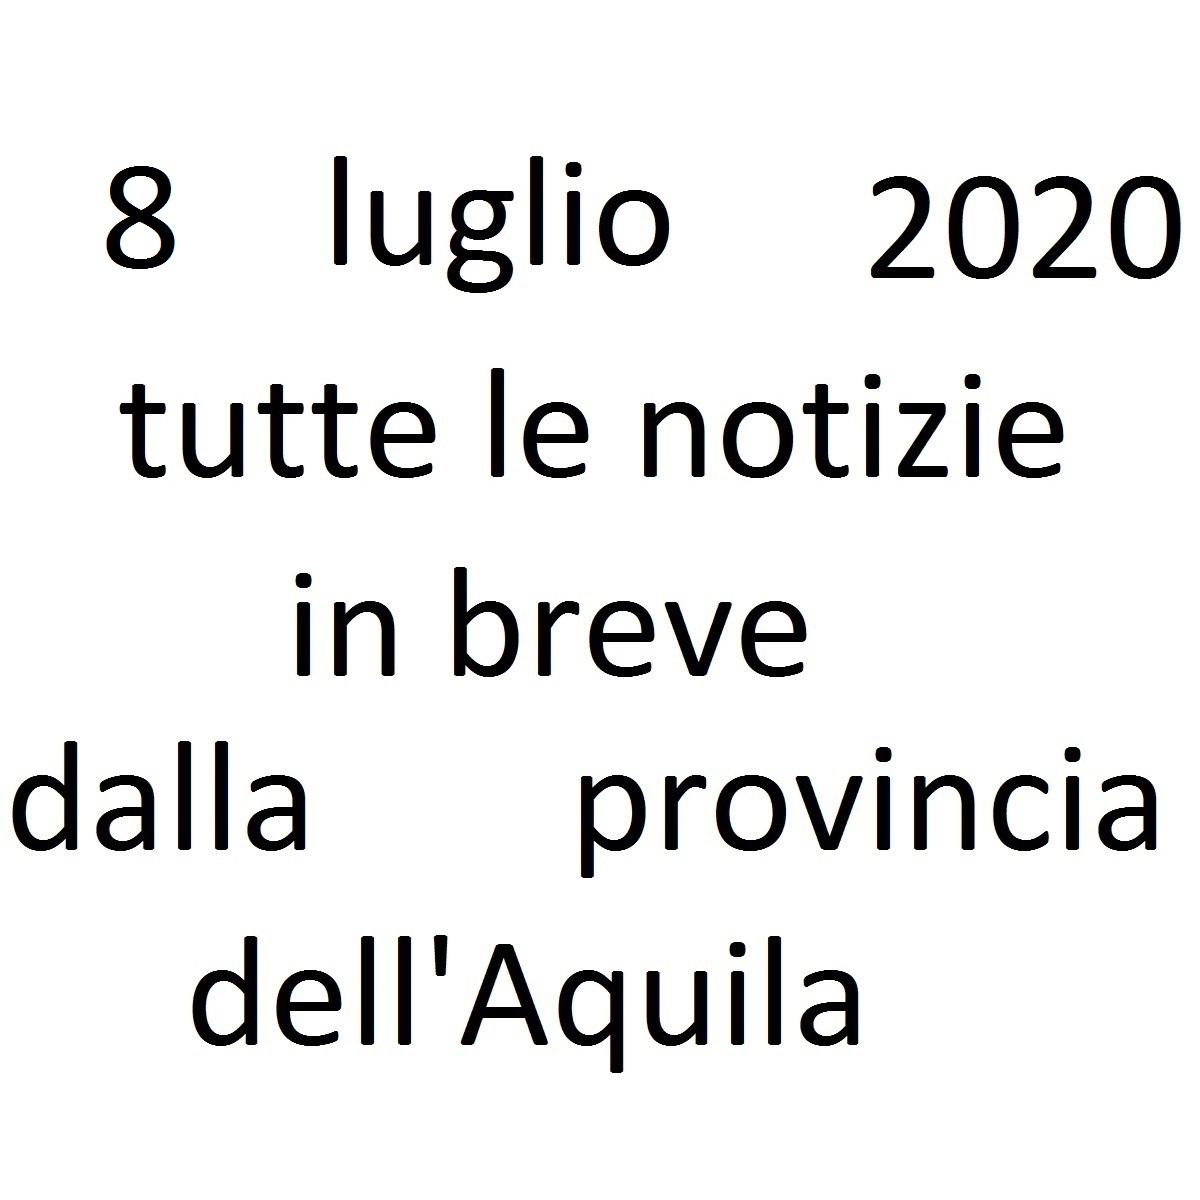 8 luglio 2020 notizie in breve dalla Provincia dell'Aquila foto